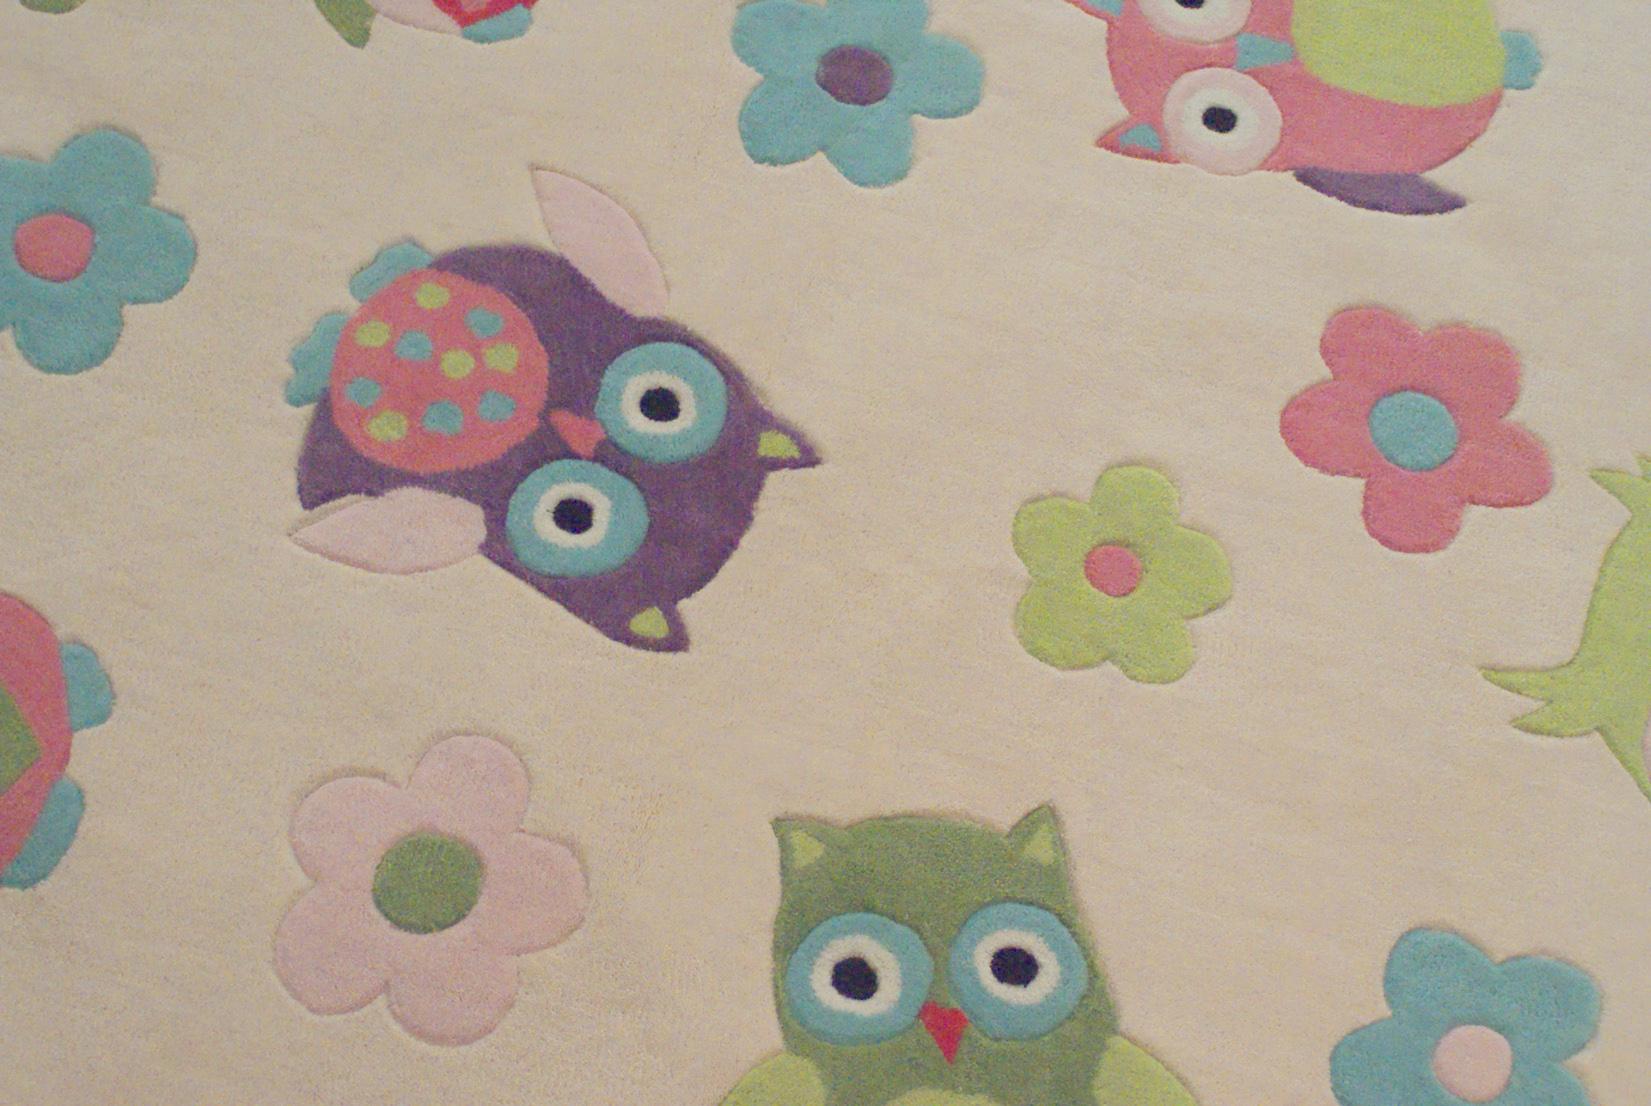 Kinderteppich eule  Kinderteppich EULE multicolour pastell 135x190cm | eBay